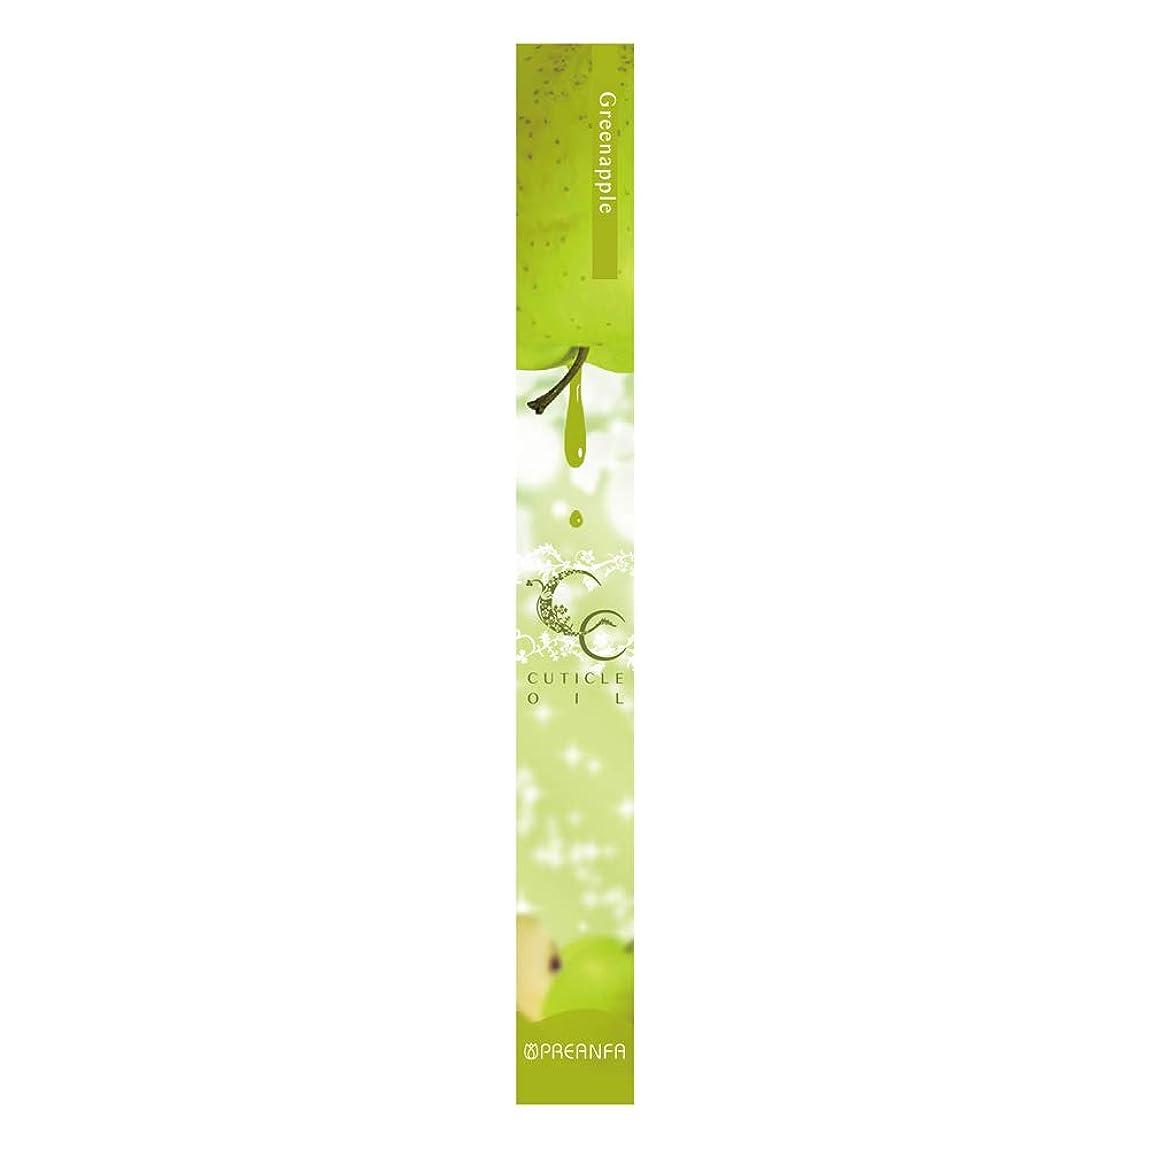 証書細胞カポックプリジェル ジェルネイル CCキューティクルオイル グリーンアップル 4.5g 保湿オイル ペンタイプ